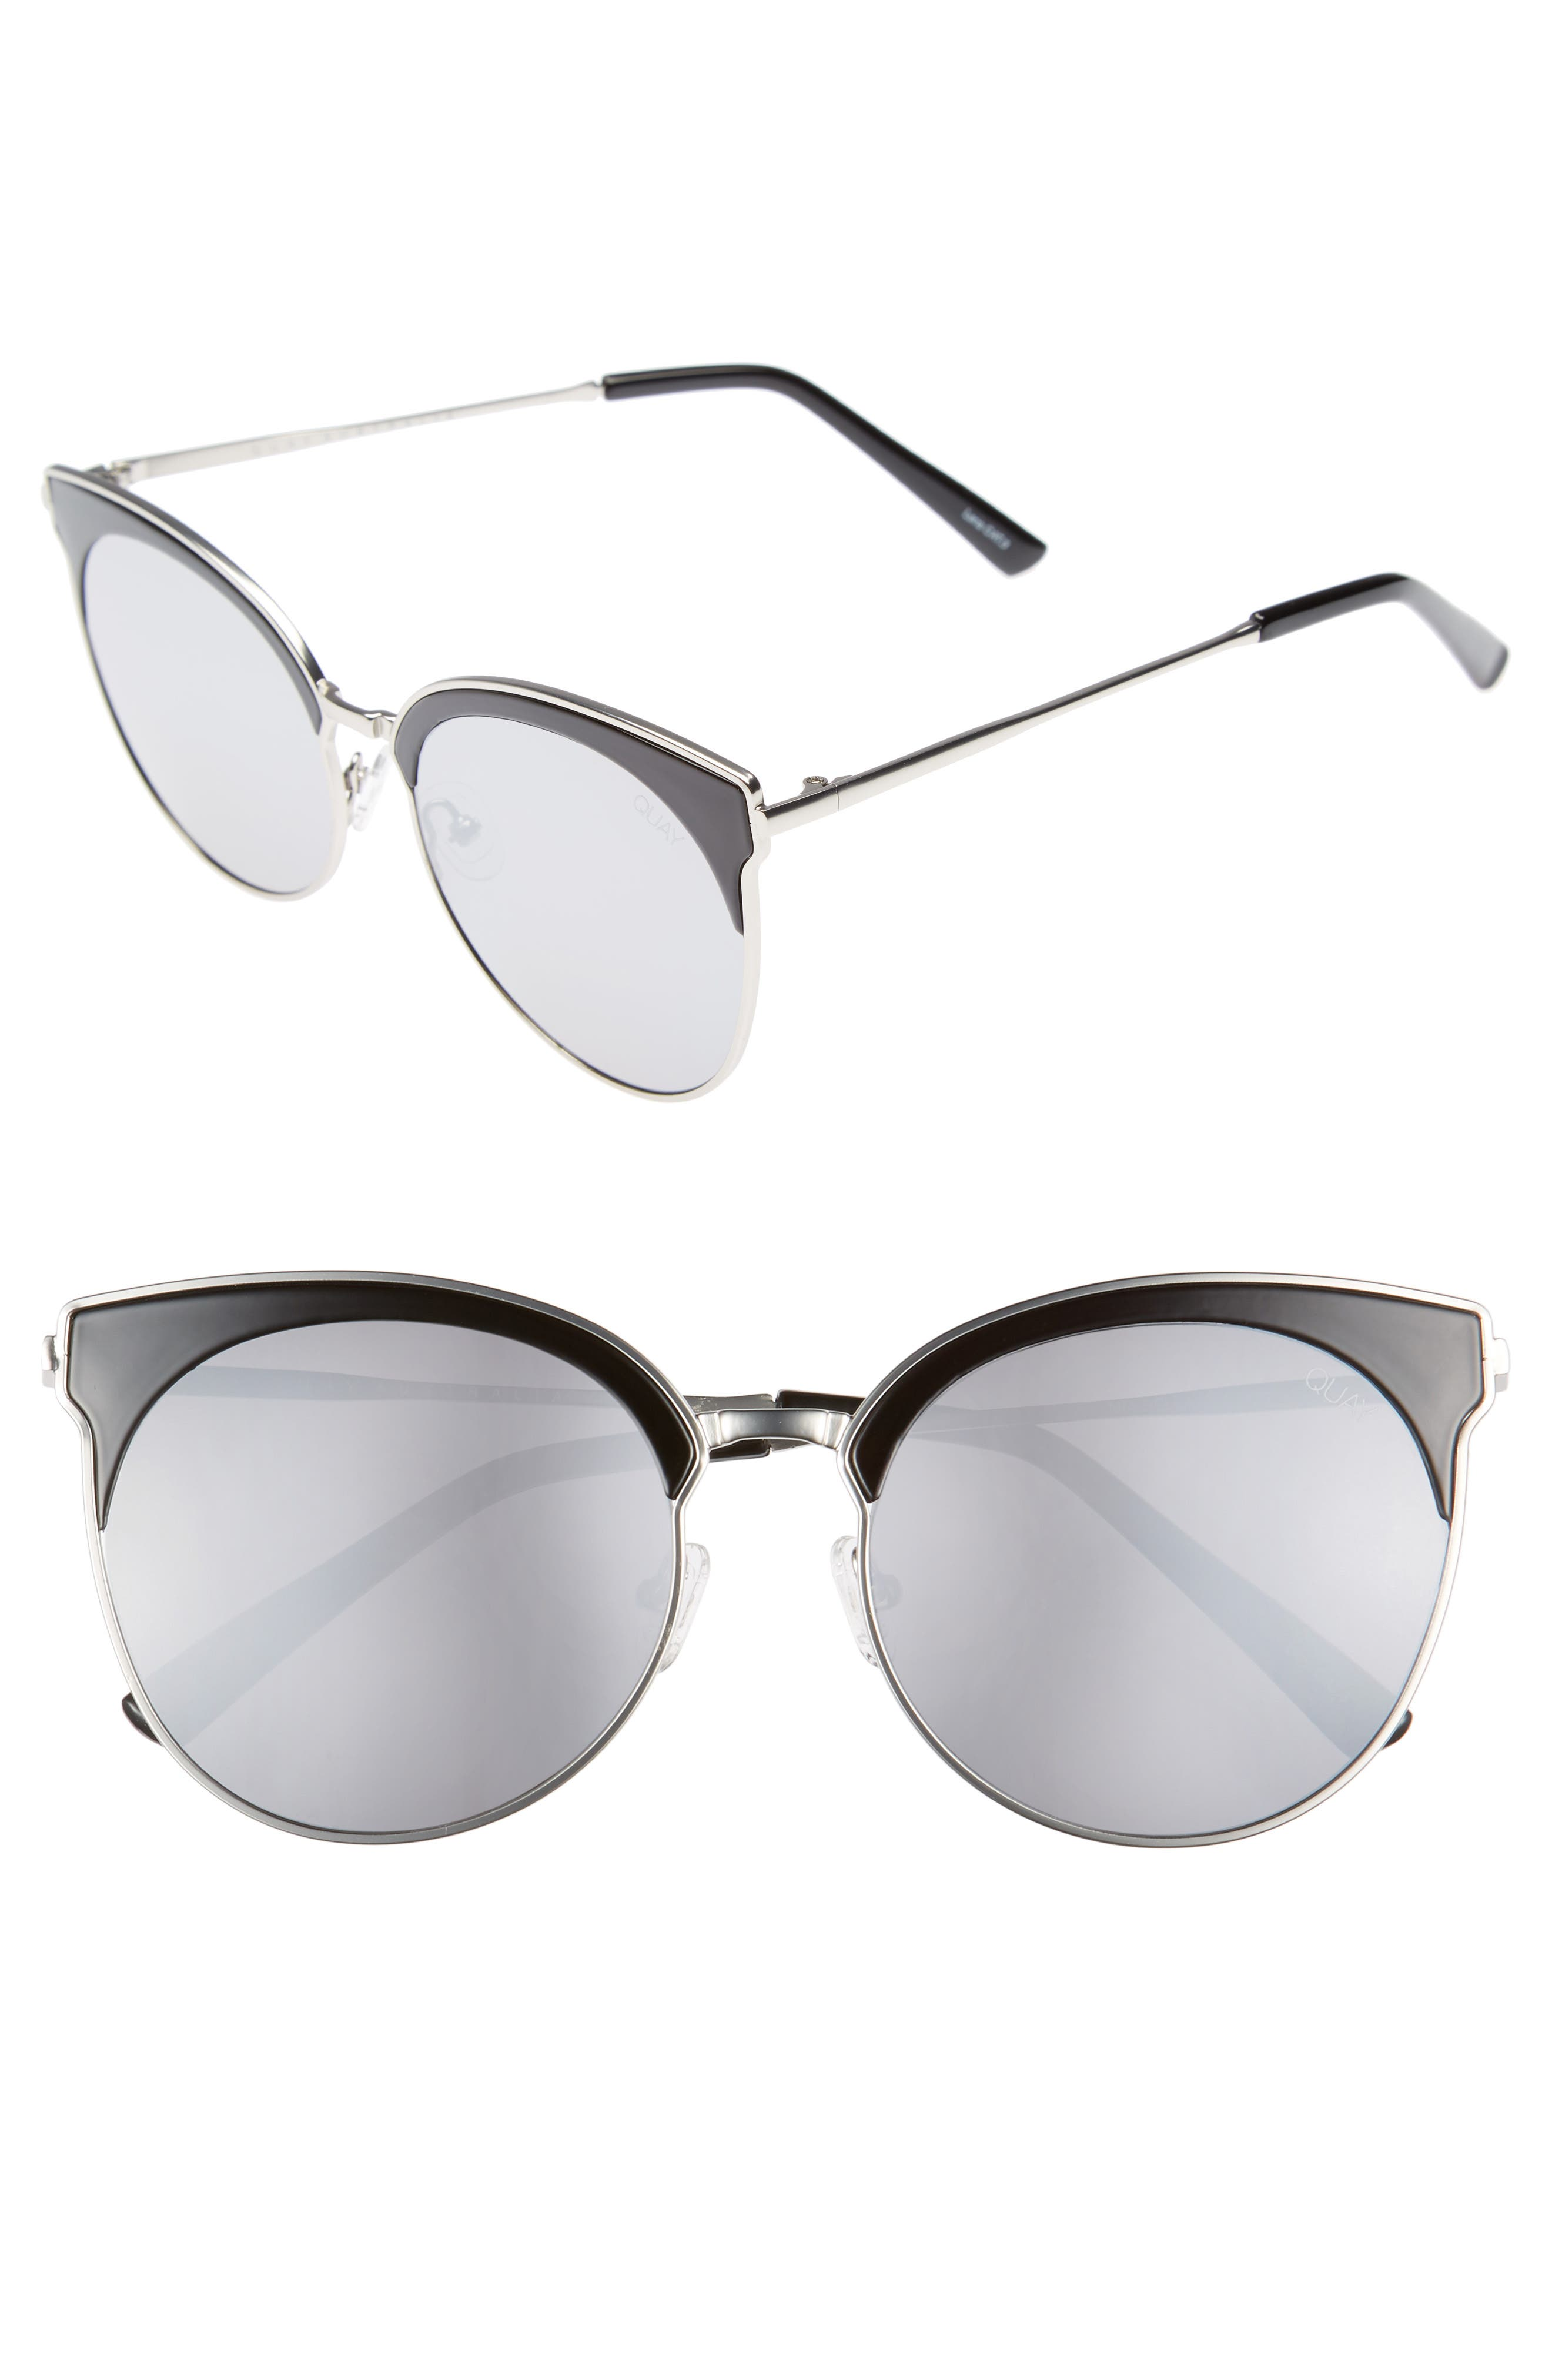 Mia Bella 56mm Sunglasses,                         Main,                         color, 001